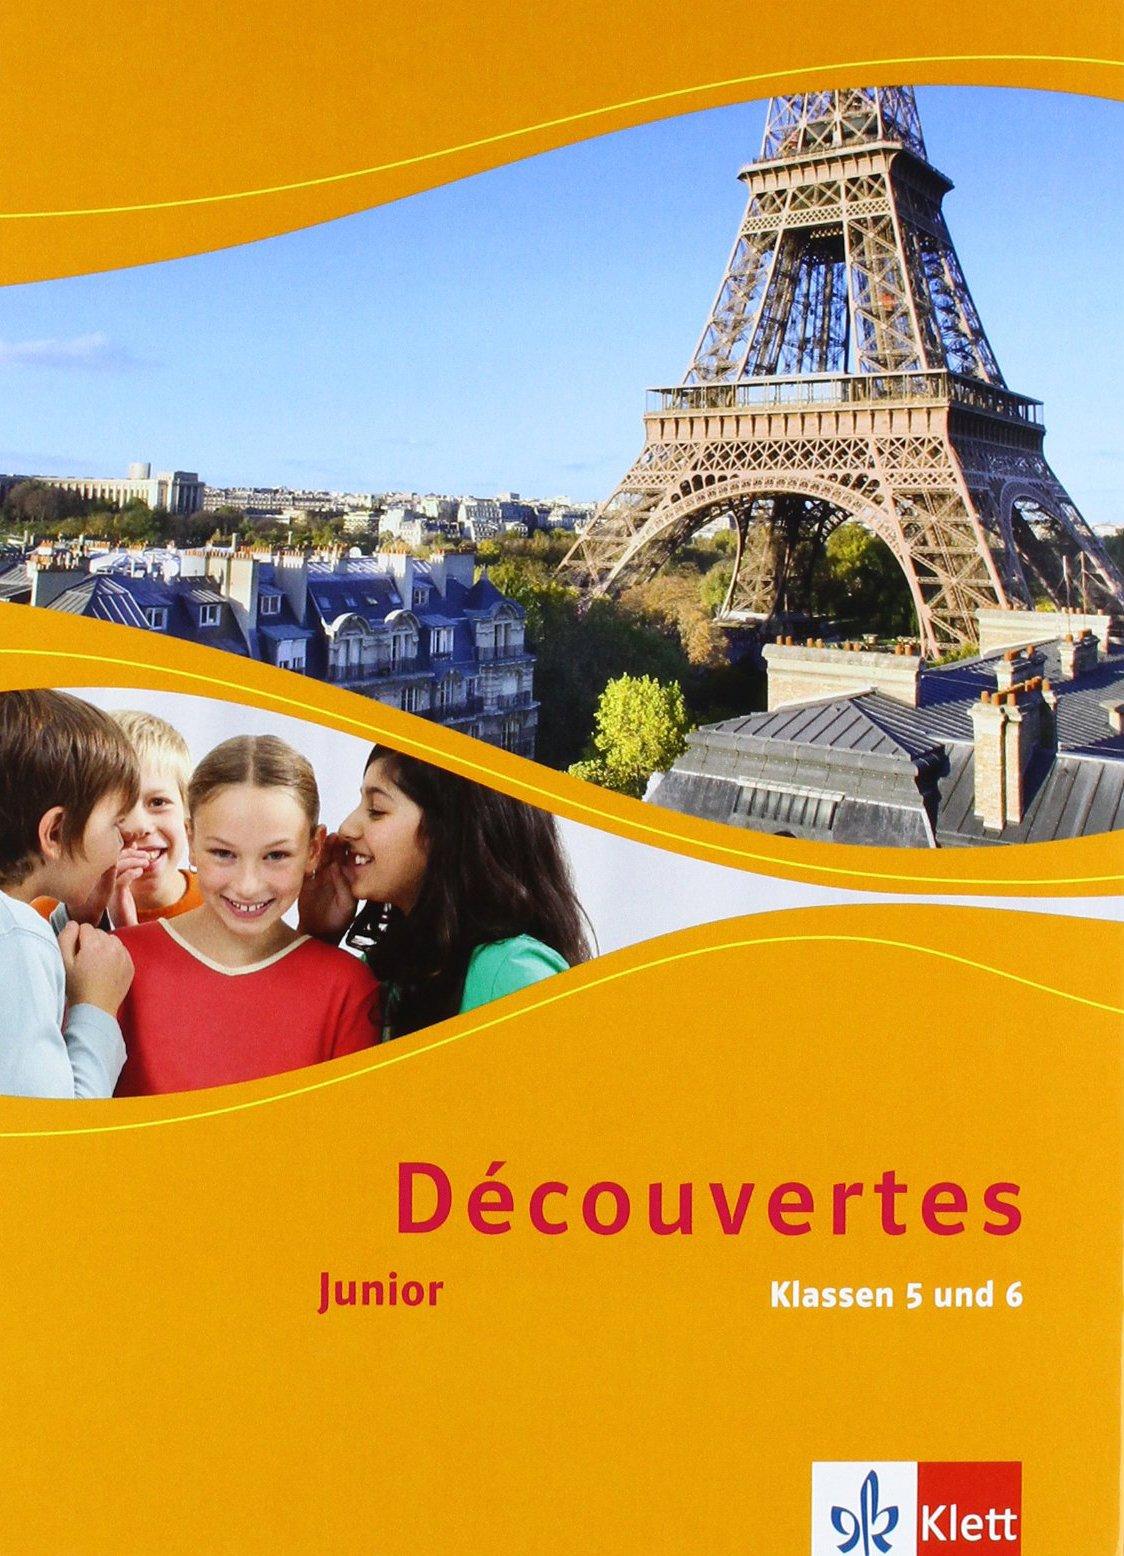 Découvertes / Junior (ab Klasse 5): Découvertes / Schülerbuch Klasse 5 und 6: Junior (ab Klasse 5)